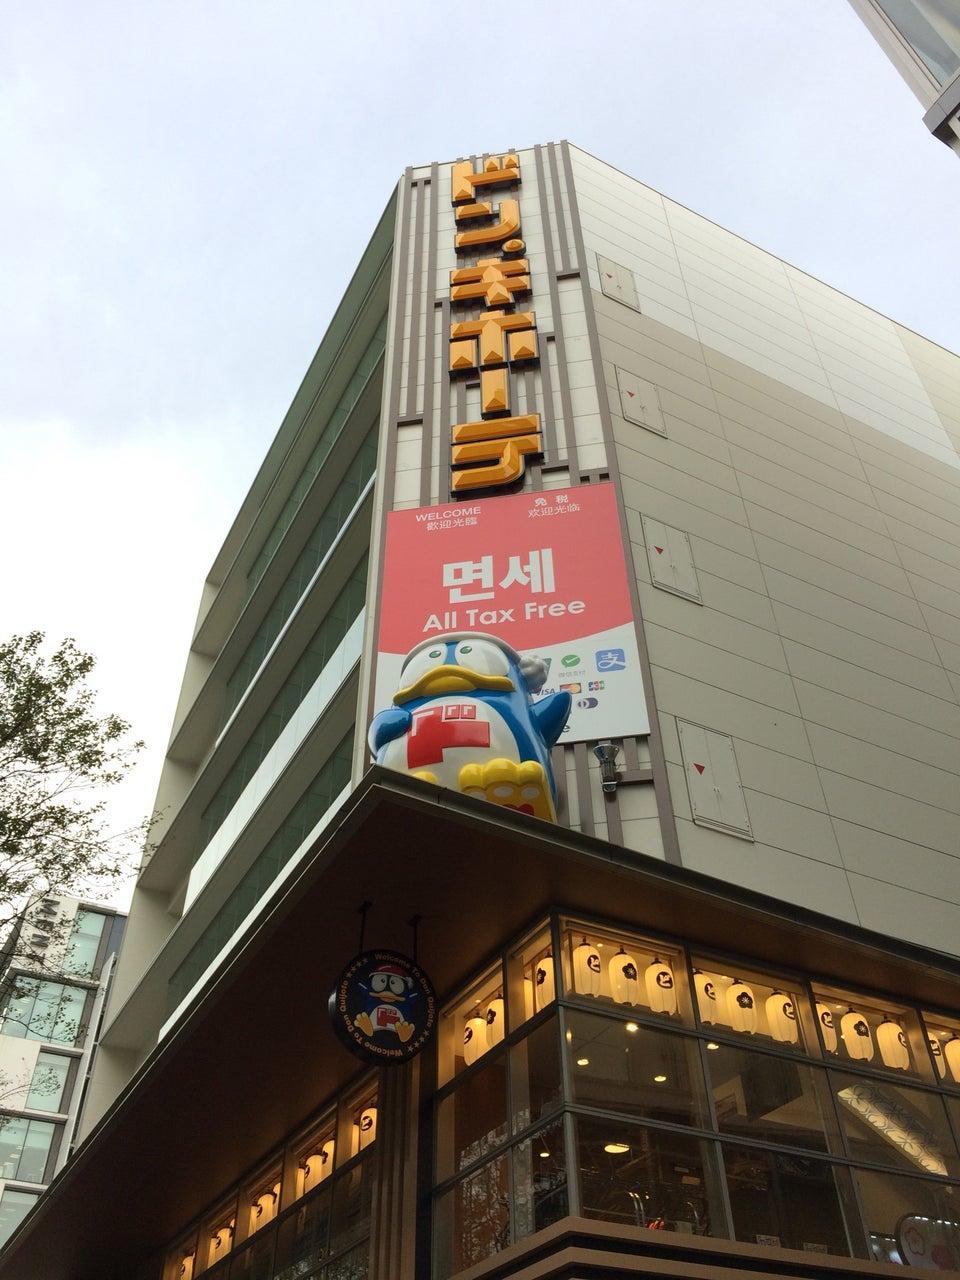 【福岡逛街】最多人推薦的血拼天堂,讓你從早到晚購物不手軟!   Compathy Travel Magazine線上日本旅遊雜誌